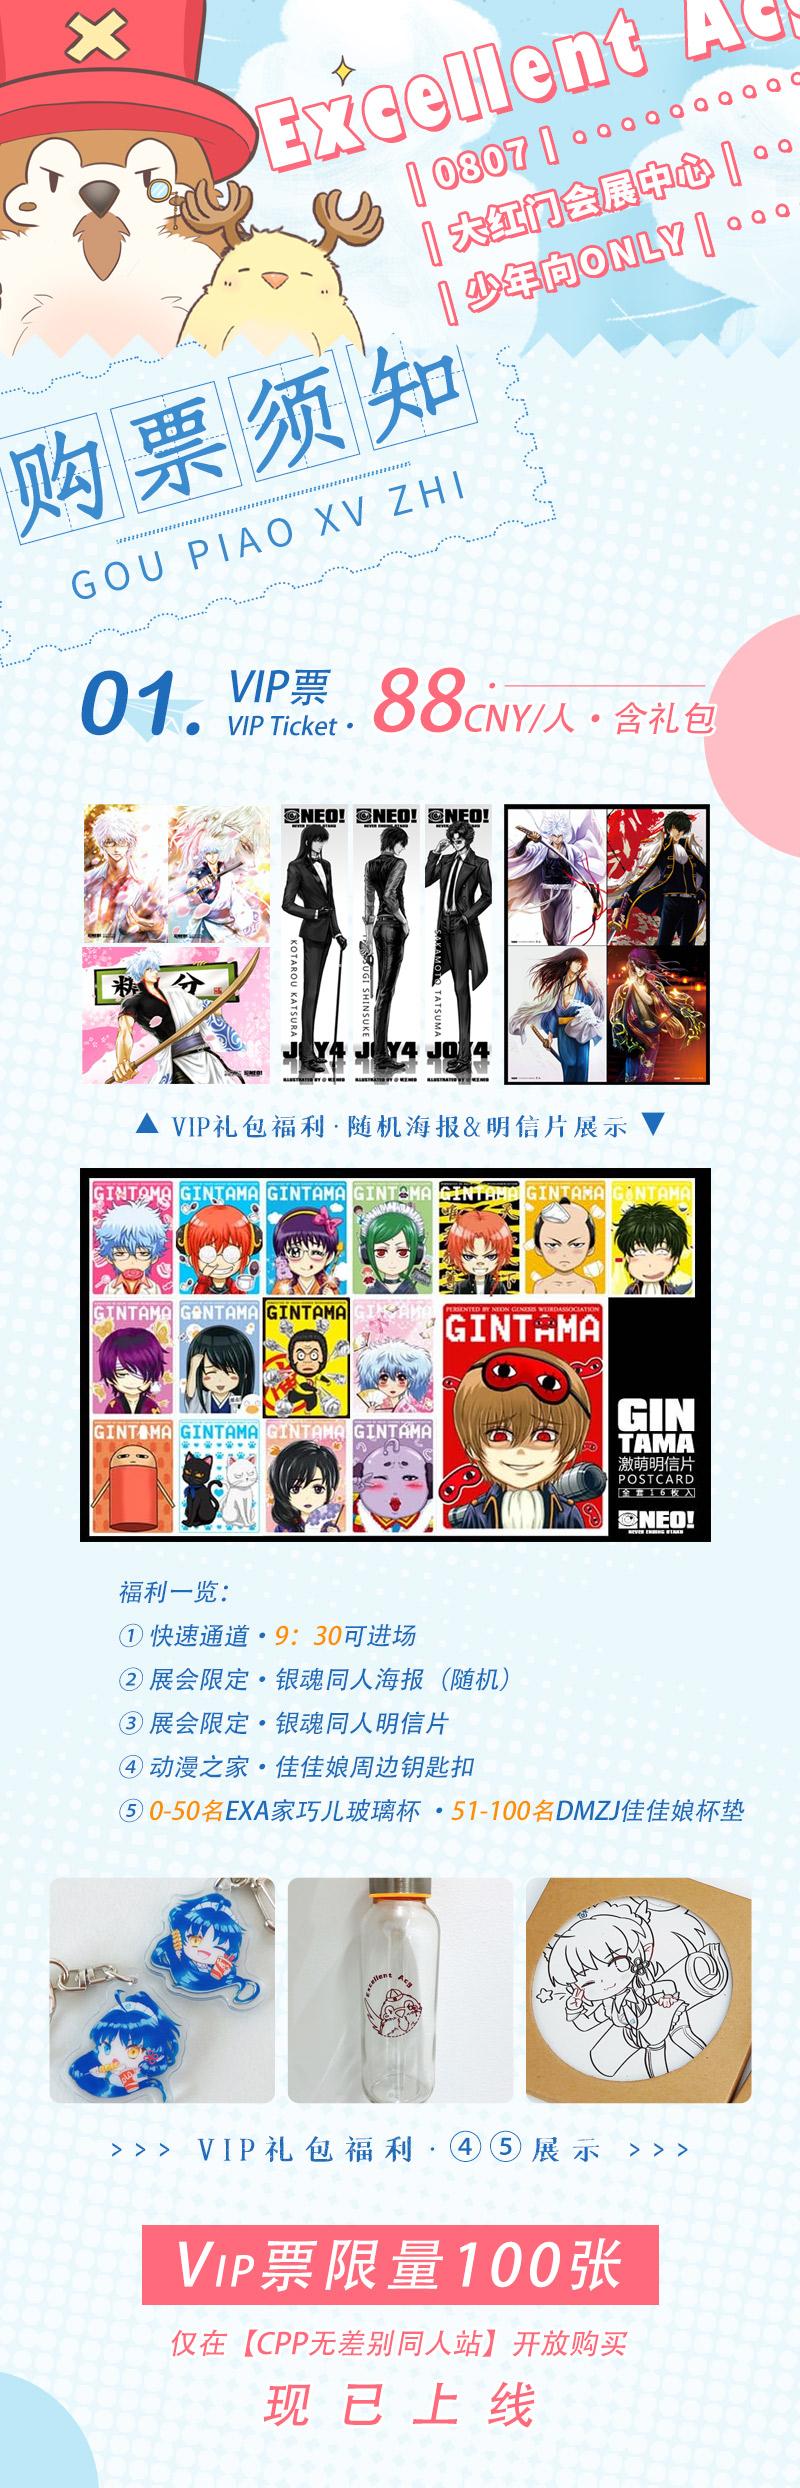 (内含抽奖)北京EXA少年向同人展8月7日现场全情报公开!不容错过~  第2张